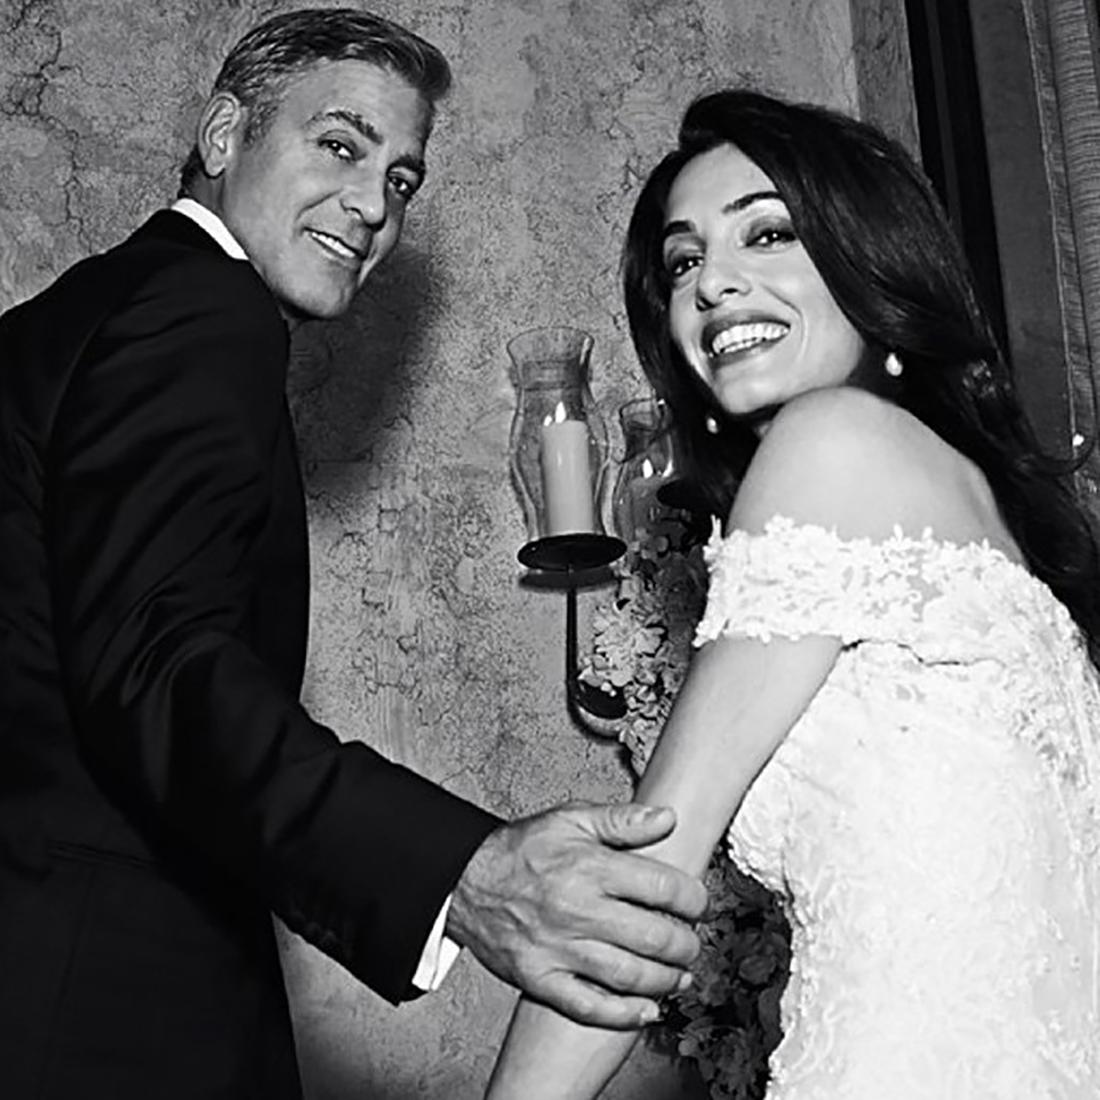 George-Clooney-Wedding-George-Clooney-wallpapers-22